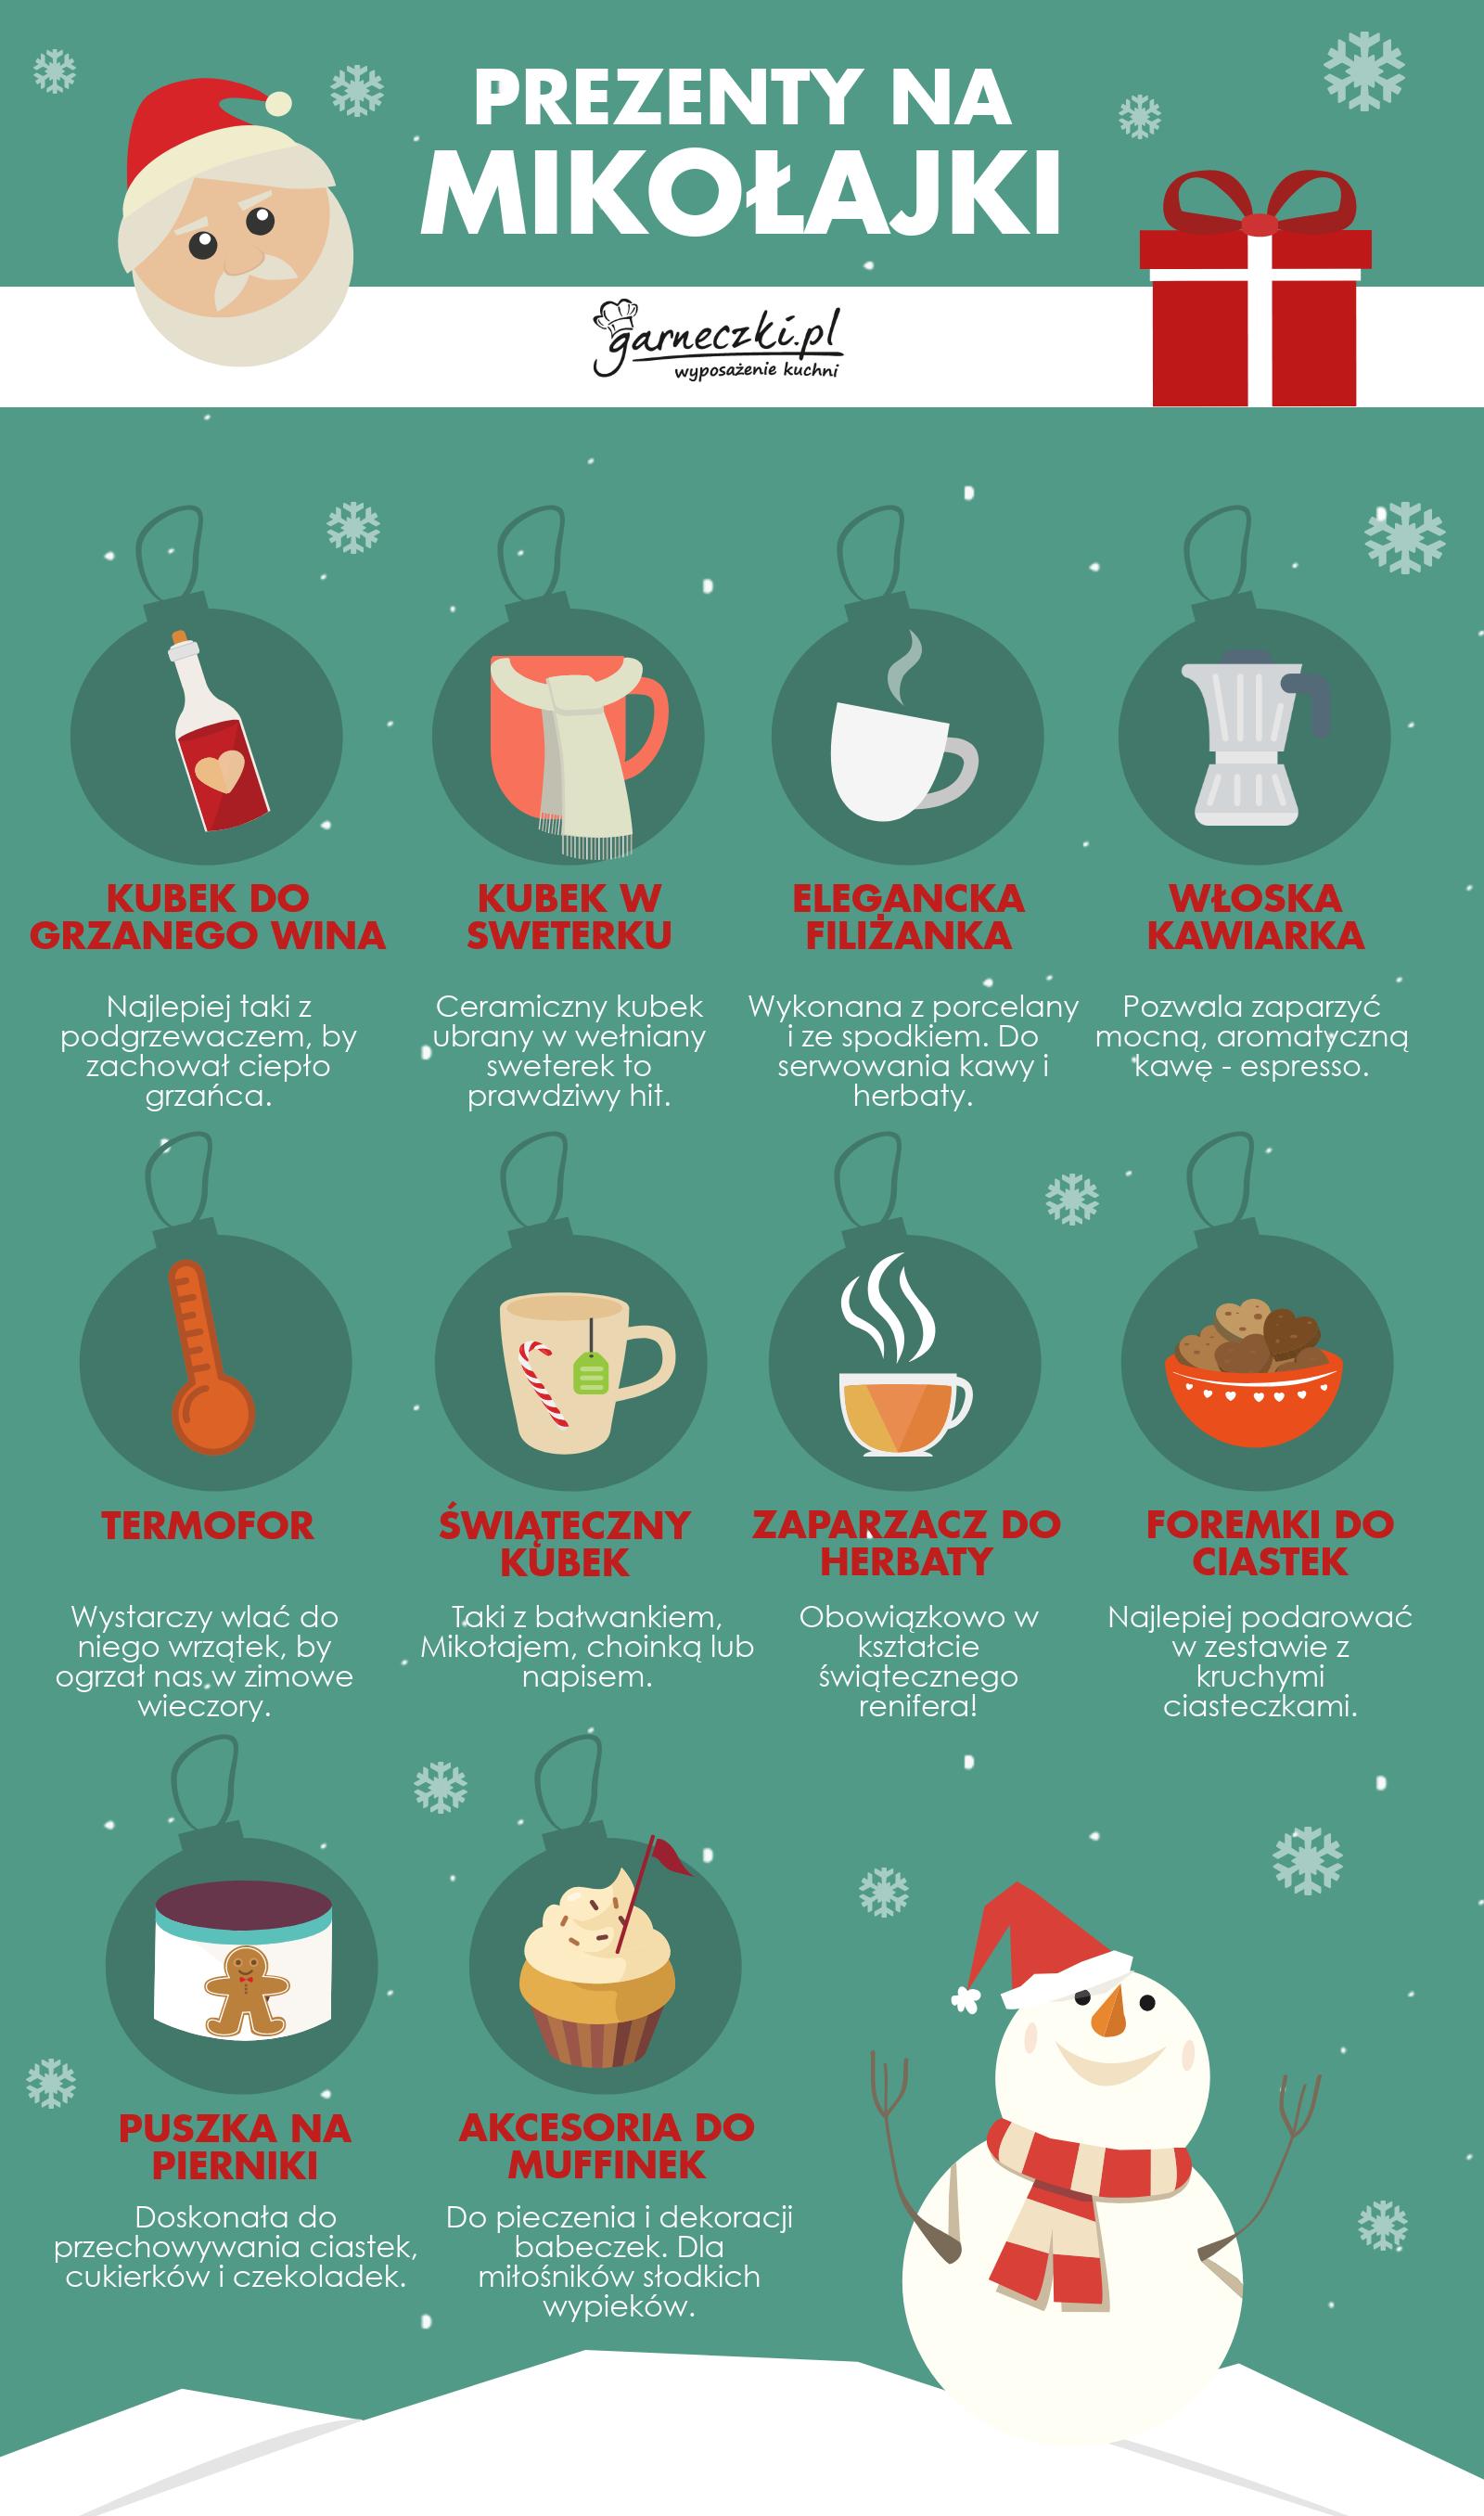 Tanie prezenty na mikołajki - infografika